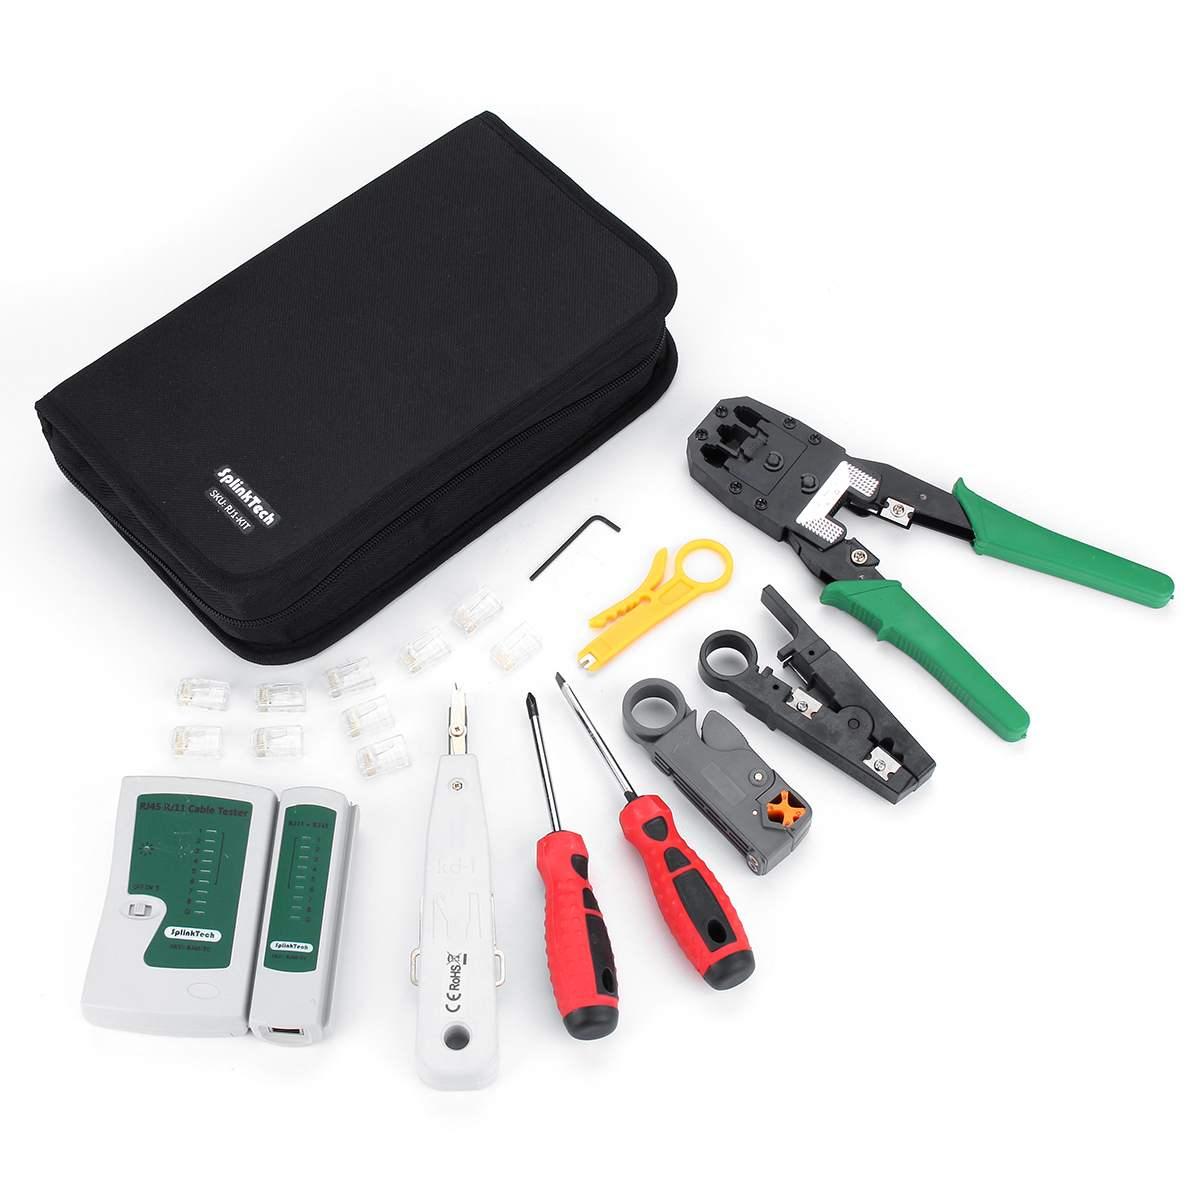 18 pièces Kit d'outils de réparation réseau UTP testeur de câble portable téléphone LAN pince à sertir RJ45 RJ11 RJ12 CAT5 CAT5e Kit d'outils